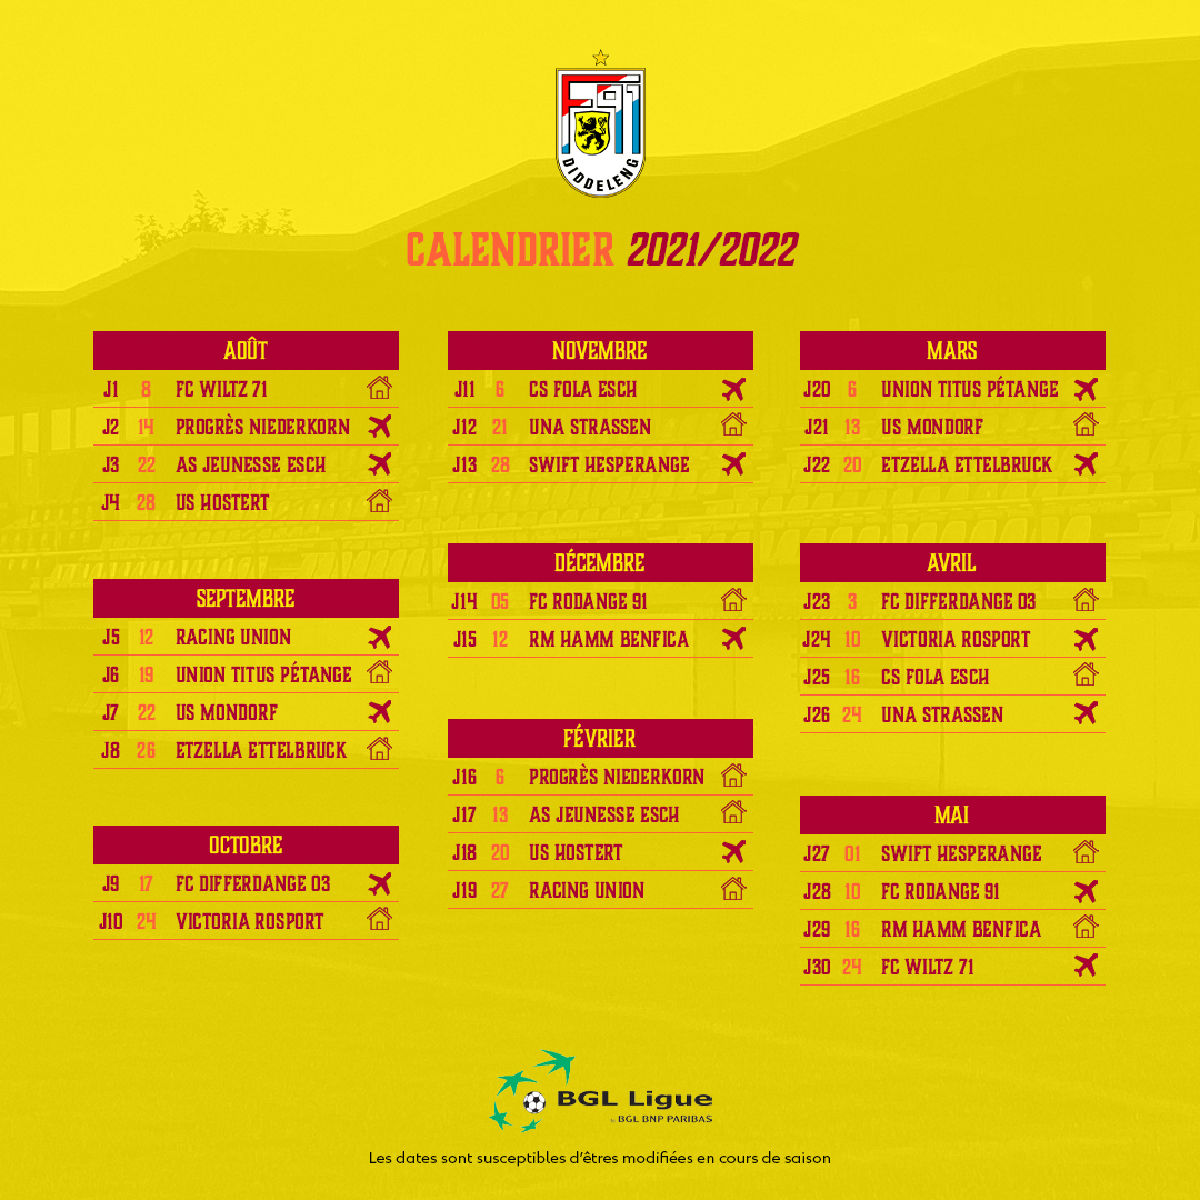 Calendrier BGL Ligue 2021/2022